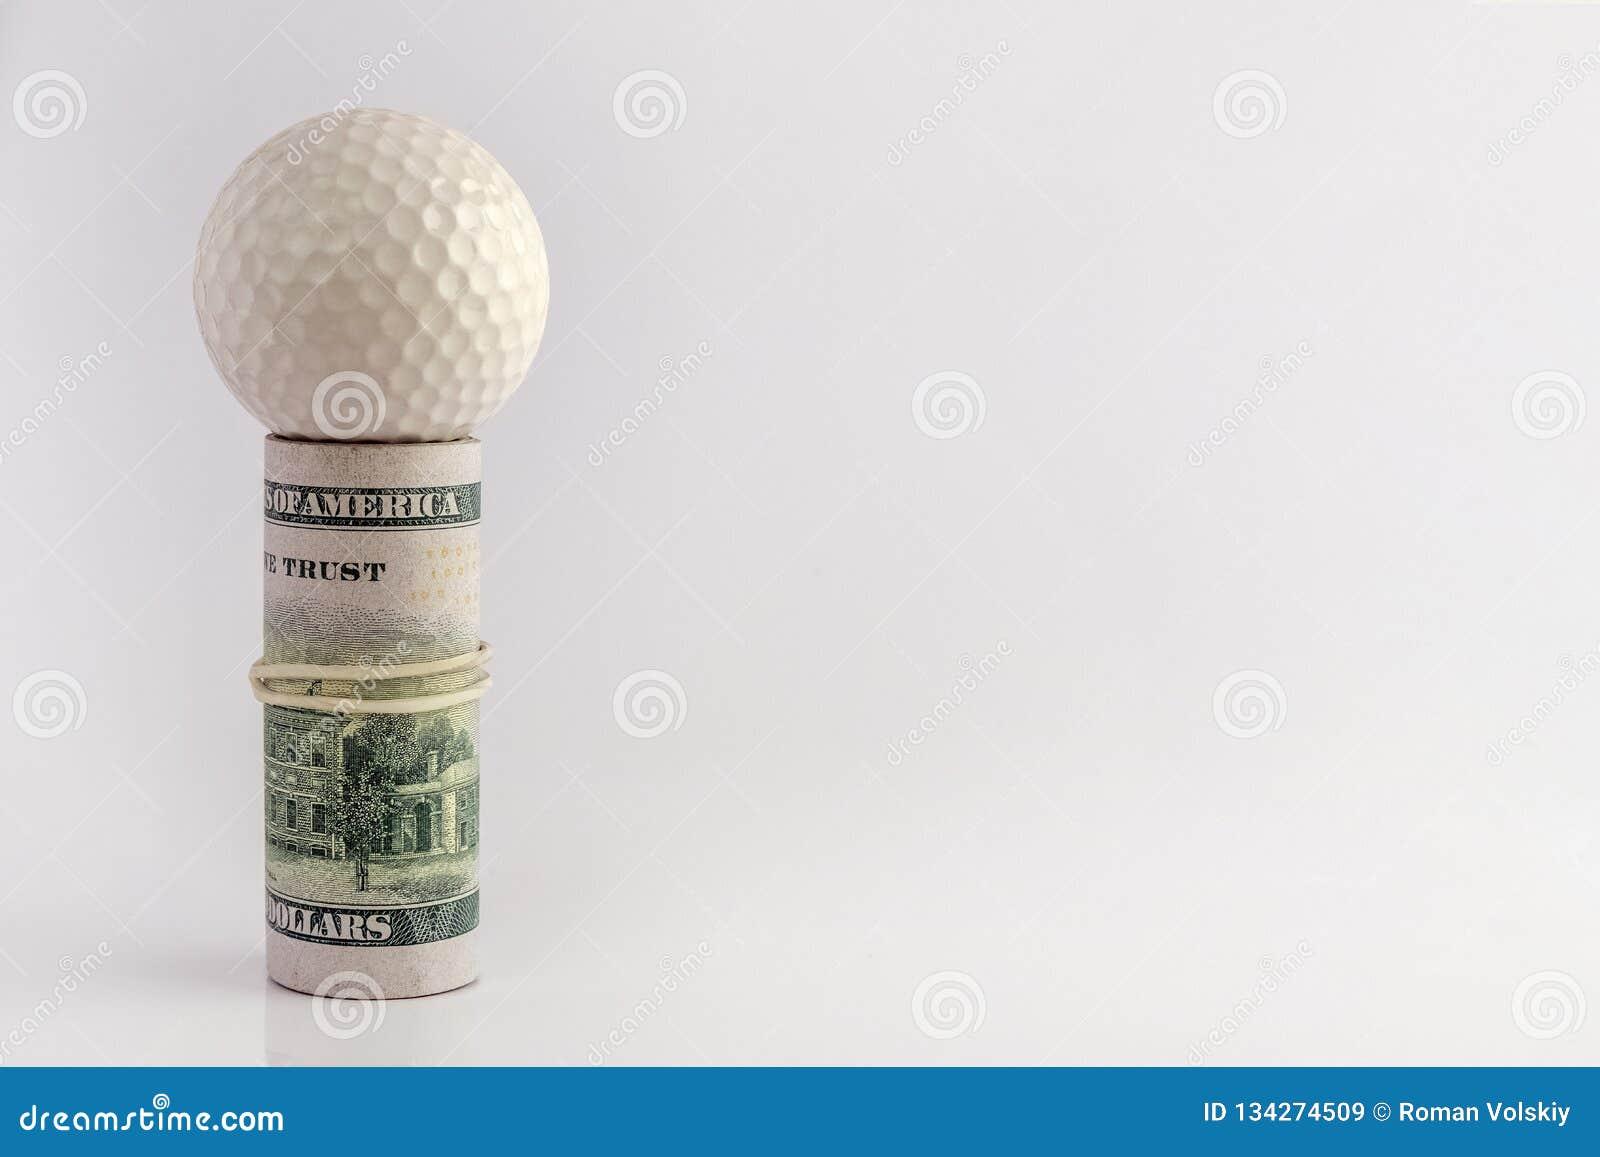 Концепция конкуренций игрока в гольф для денег, финансового риска, коррупции, или держать пари спорт Шар для игры в гольф поверх